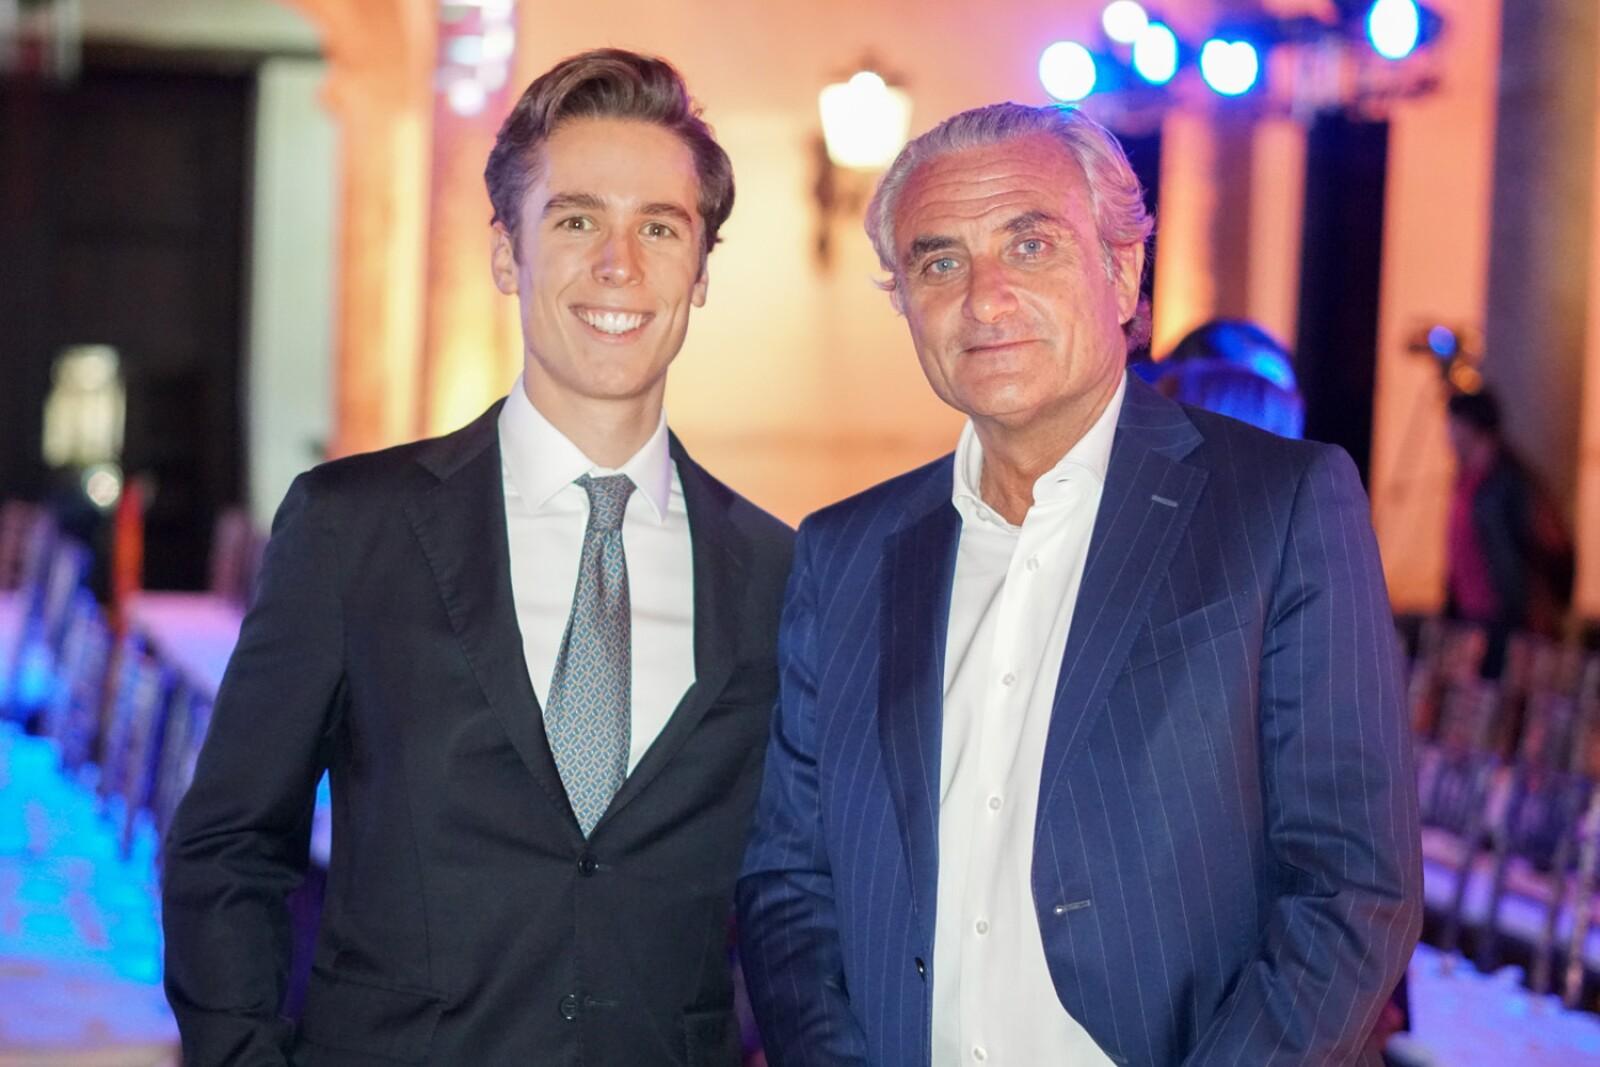 Lodovico Marzotto y Ettore Totta (3).jpg